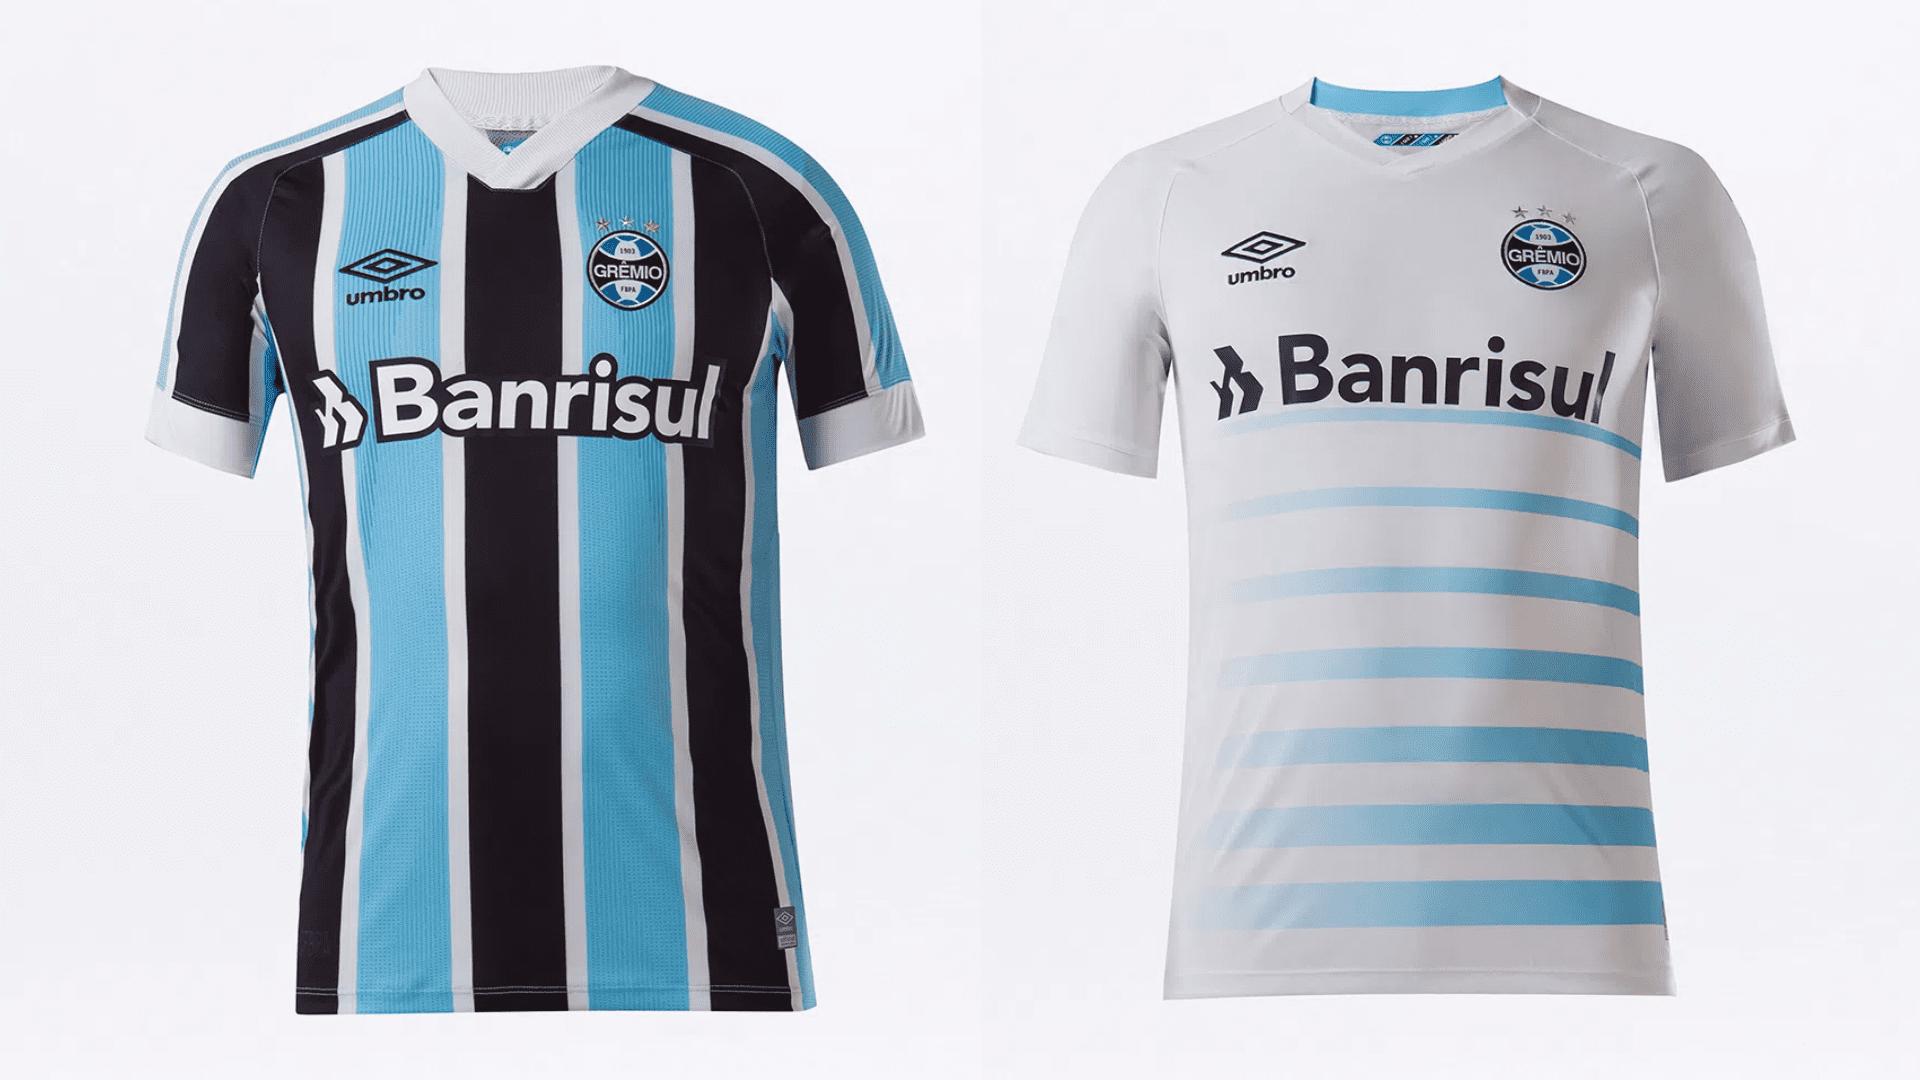 Camisa do Grêmio 2021 Umbro Jogo 1 e 2 (Imagem: Divulgação/Umbro)